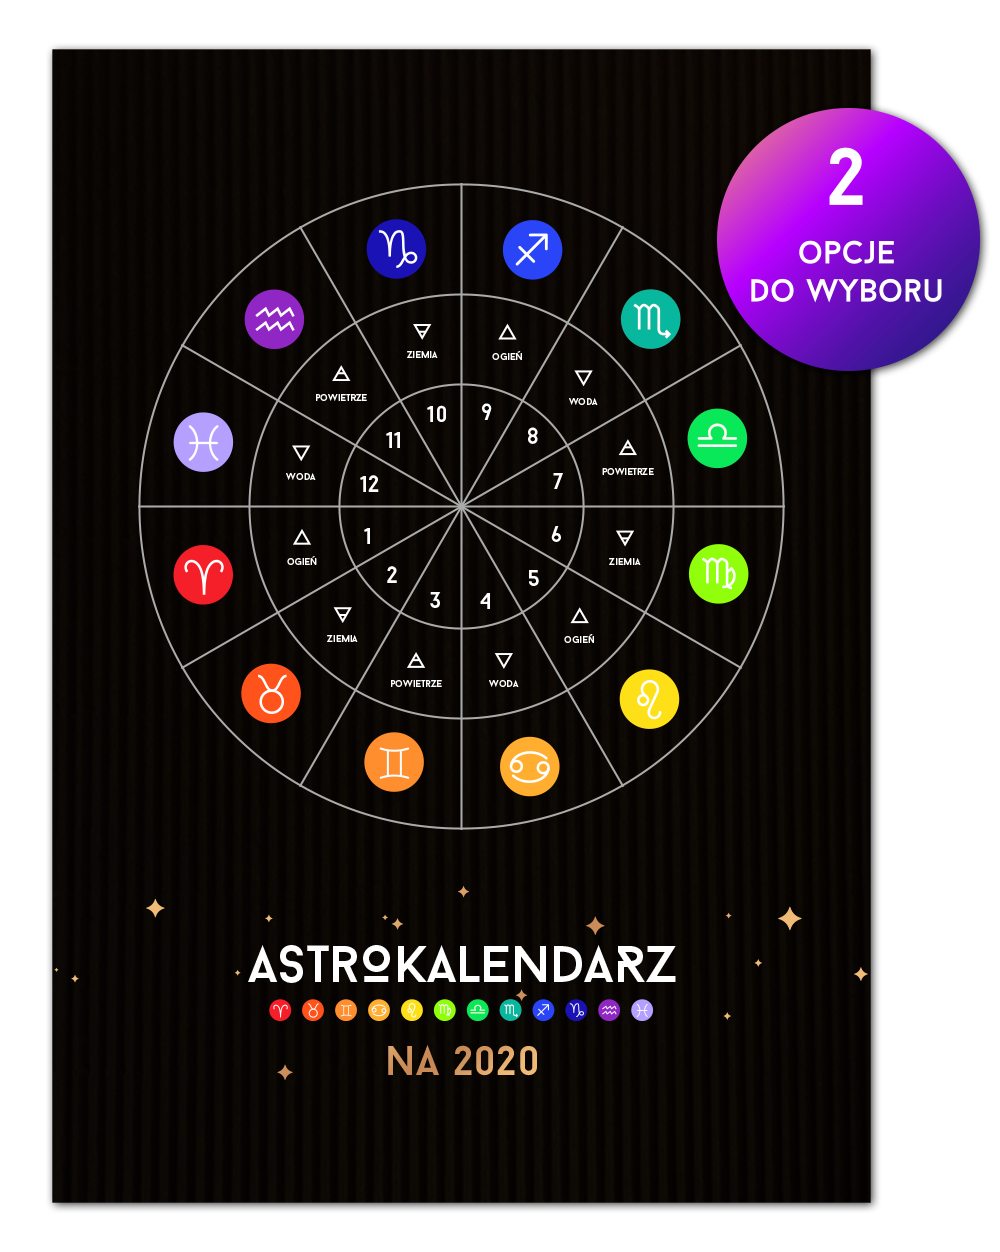 astrokalendarz_na_2020_pakiet_0